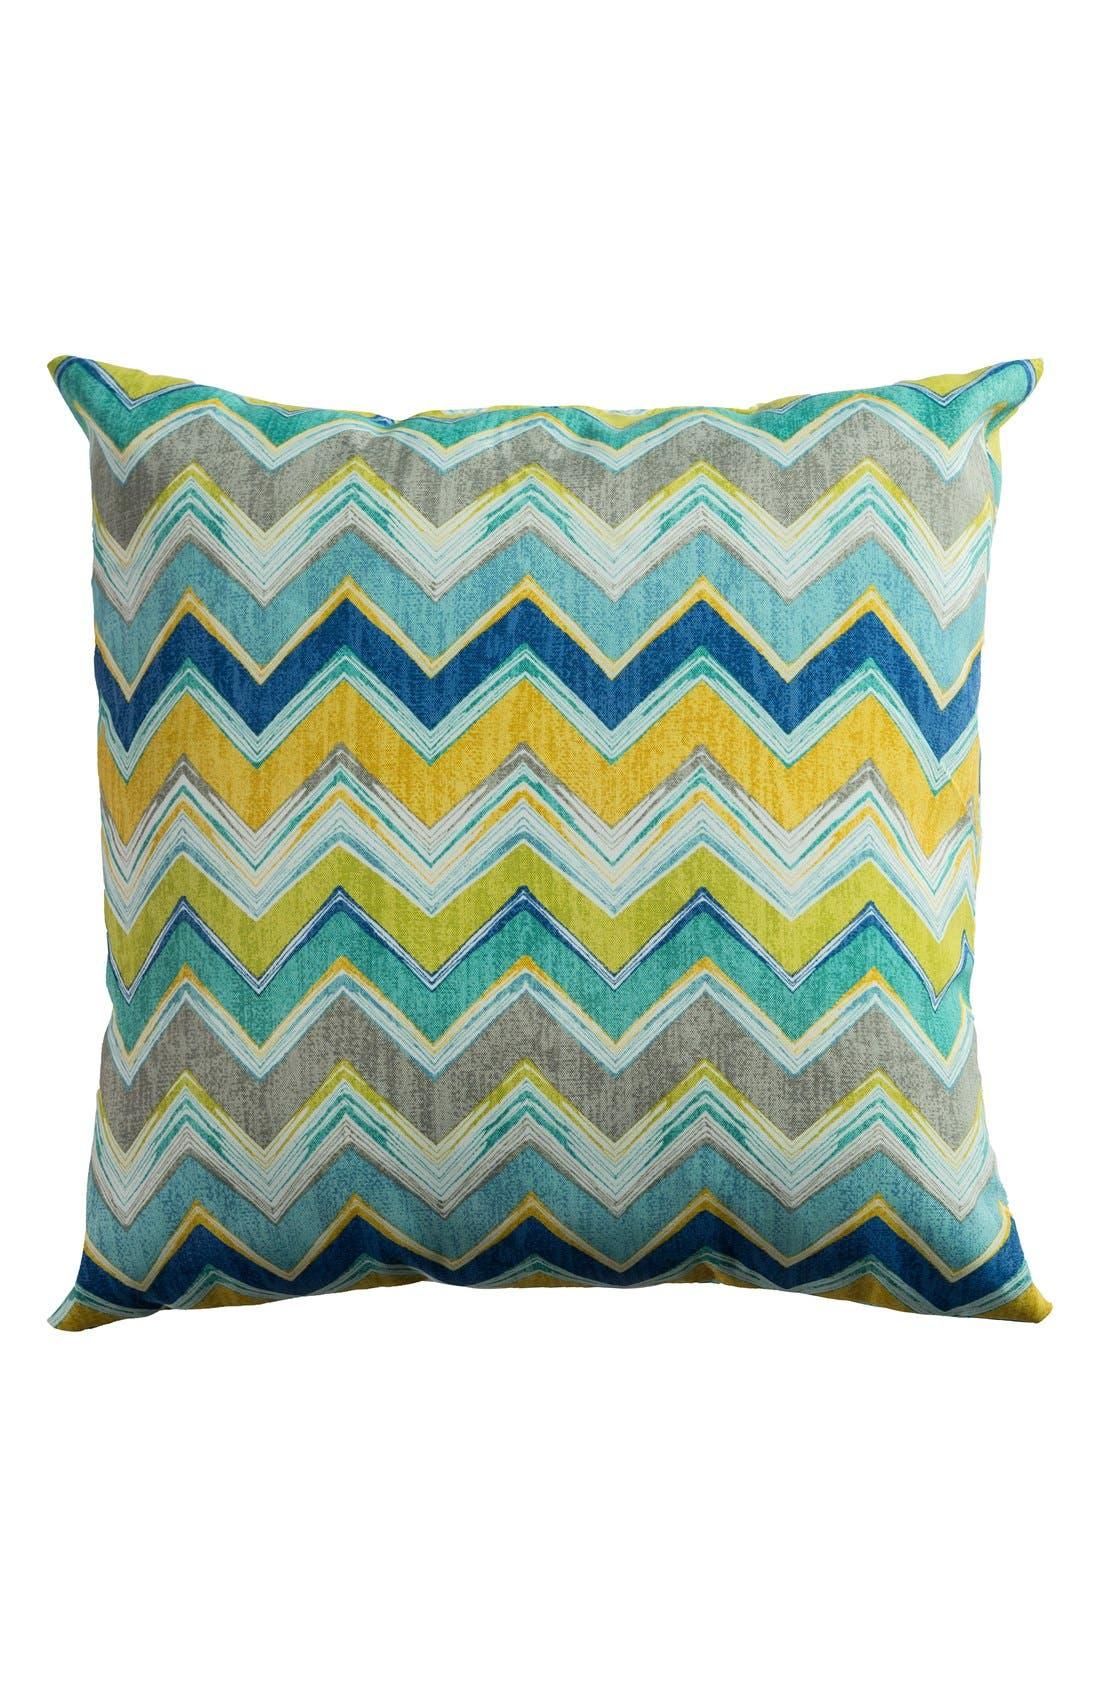 Chevron Outdoor Pillow,                             Main thumbnail 4, color,